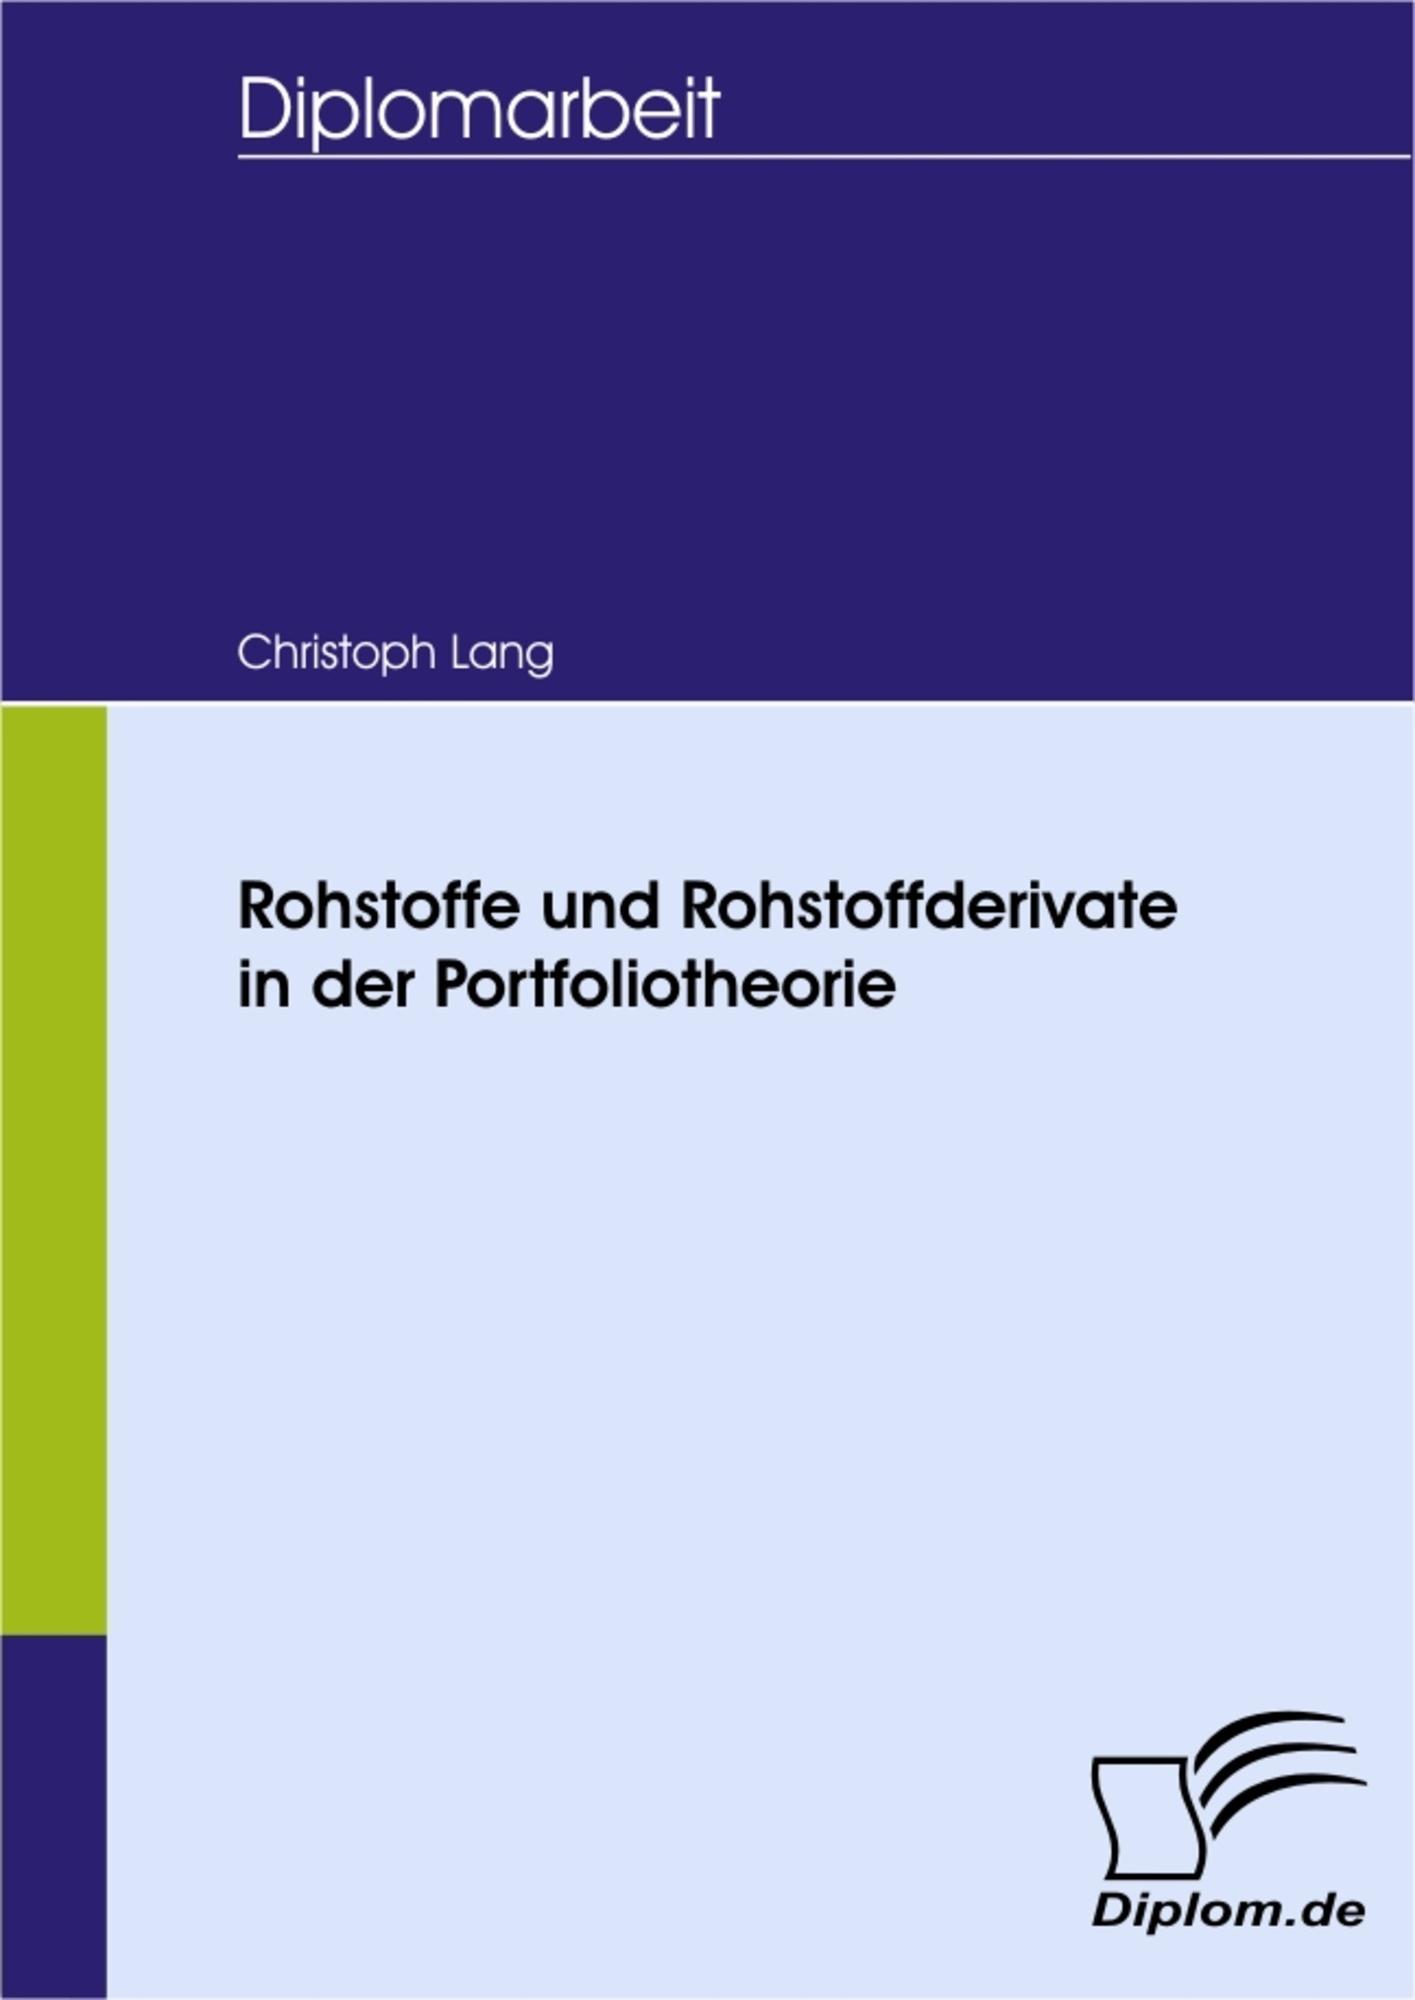 Rohstoffe und Rohstoffderivate in der Portfoliotheorie